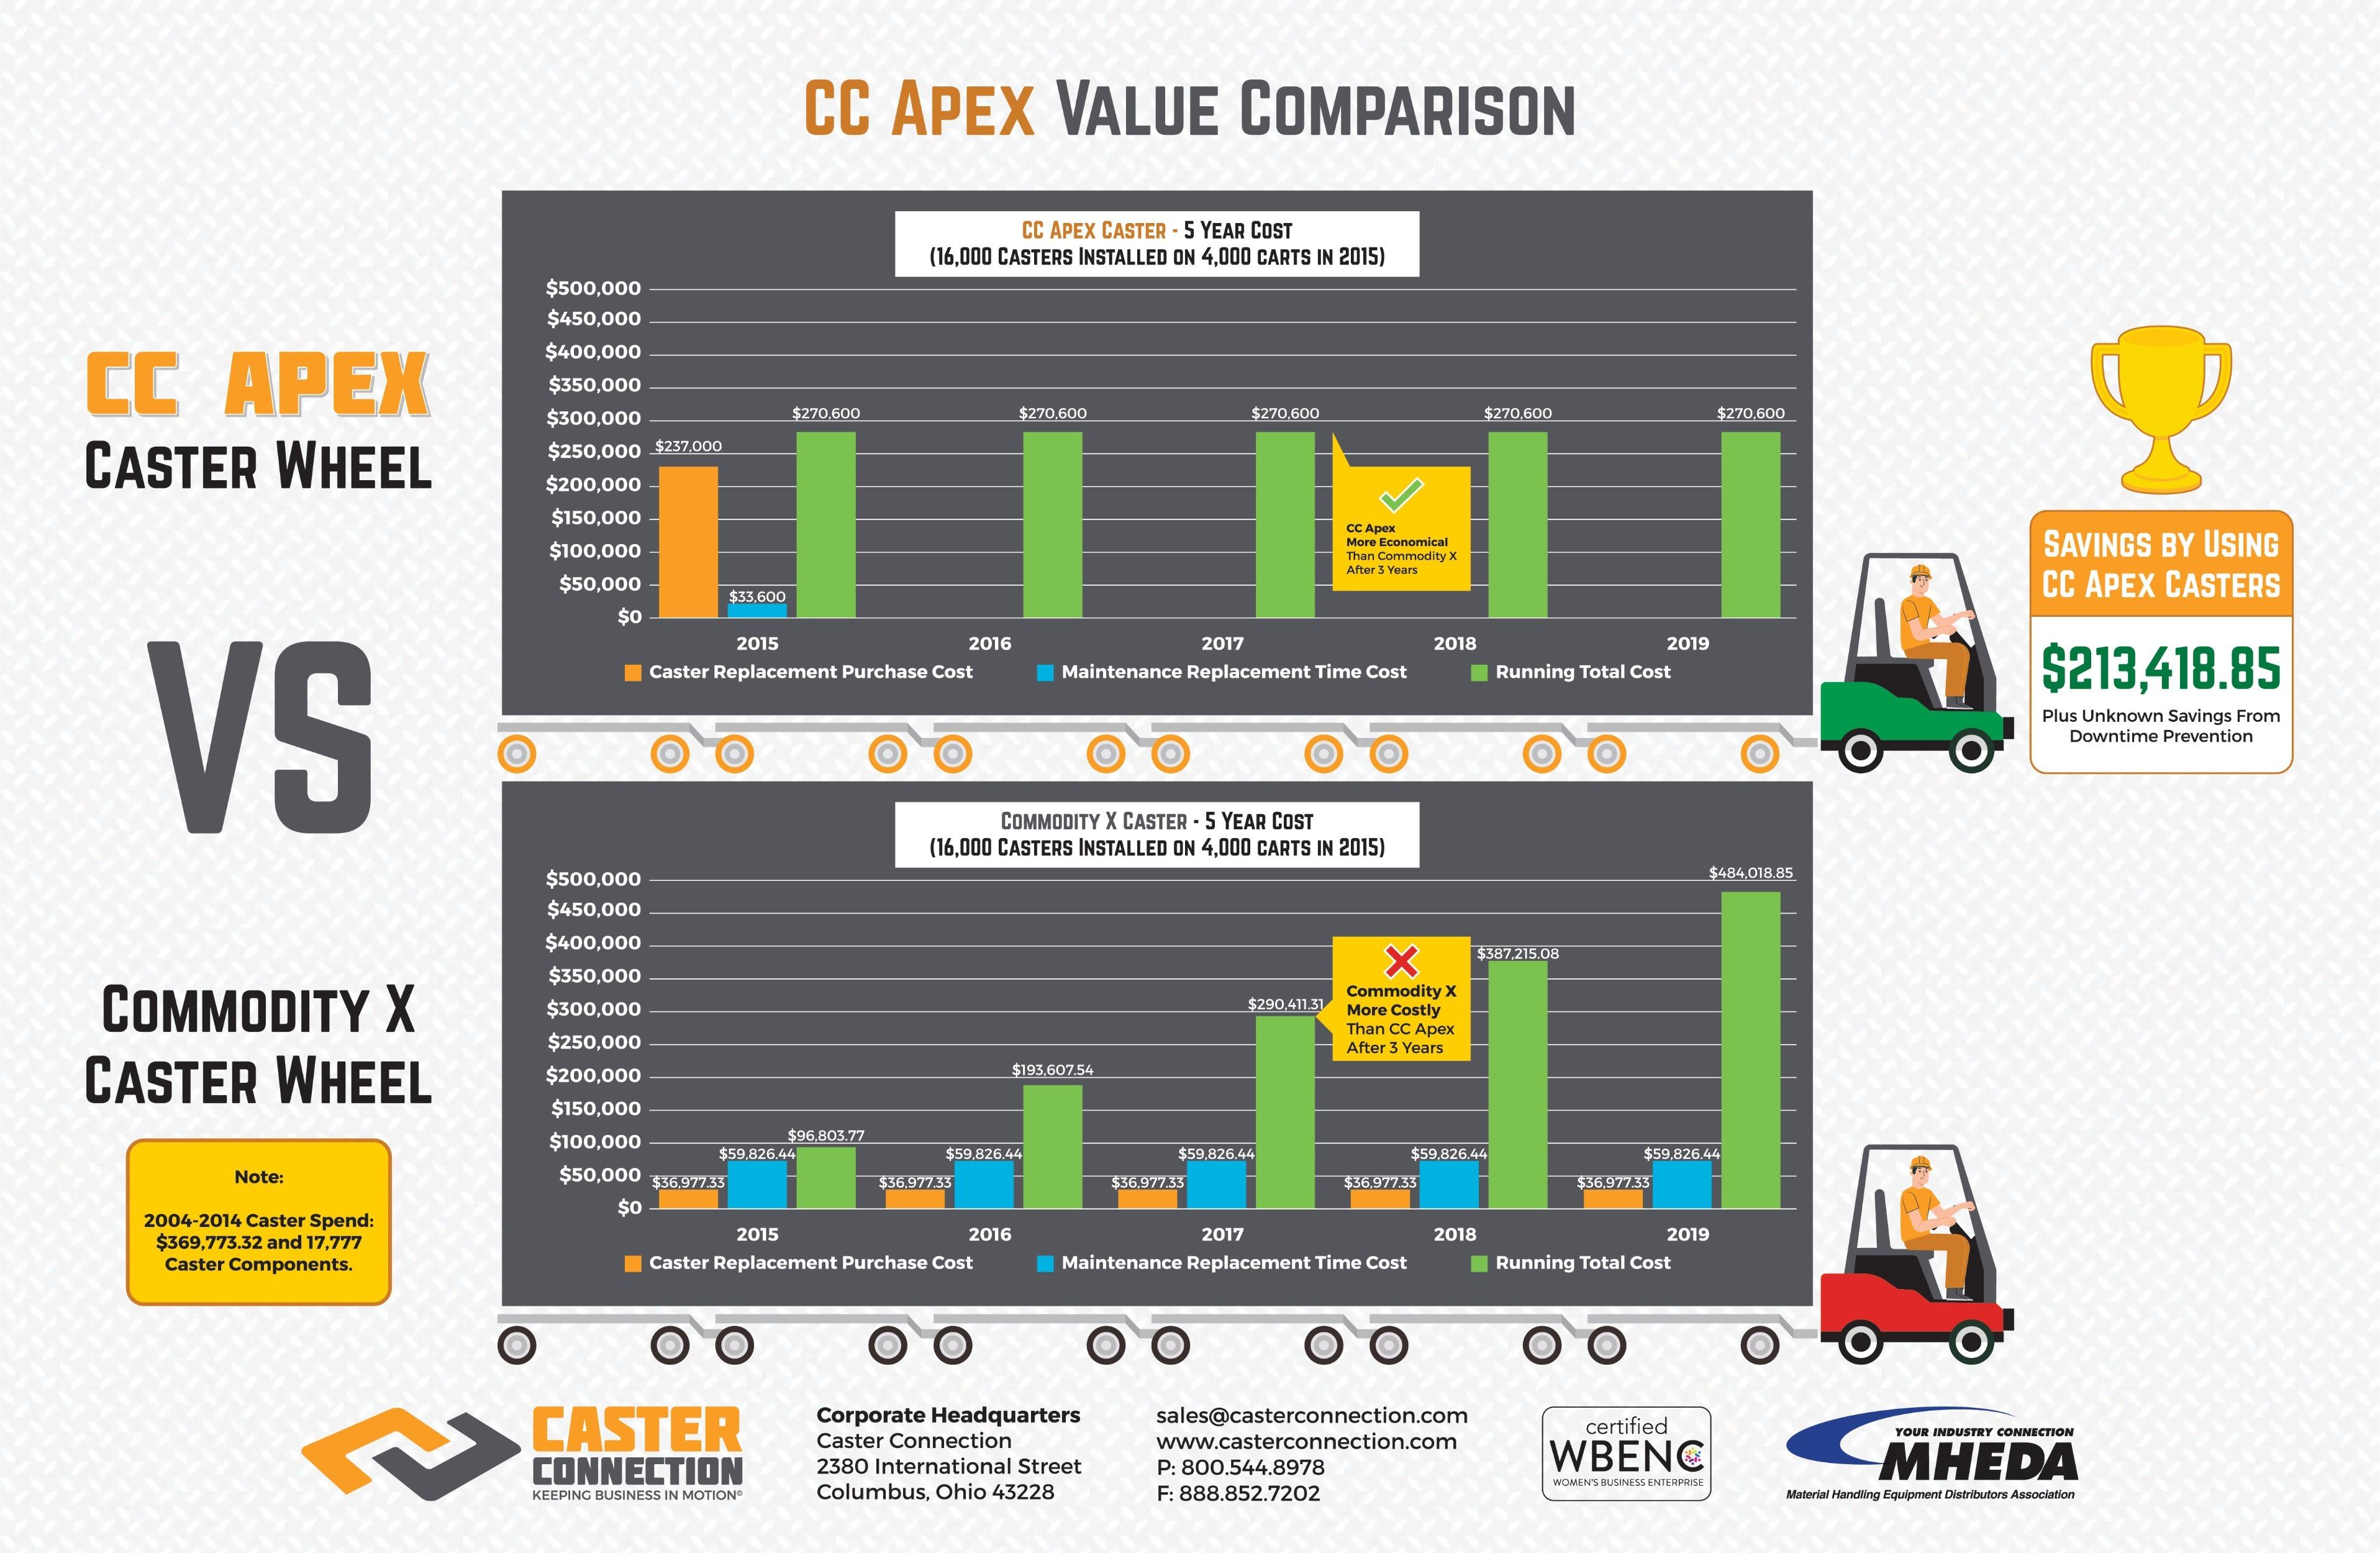 CC APEX VALUE COMPARISON